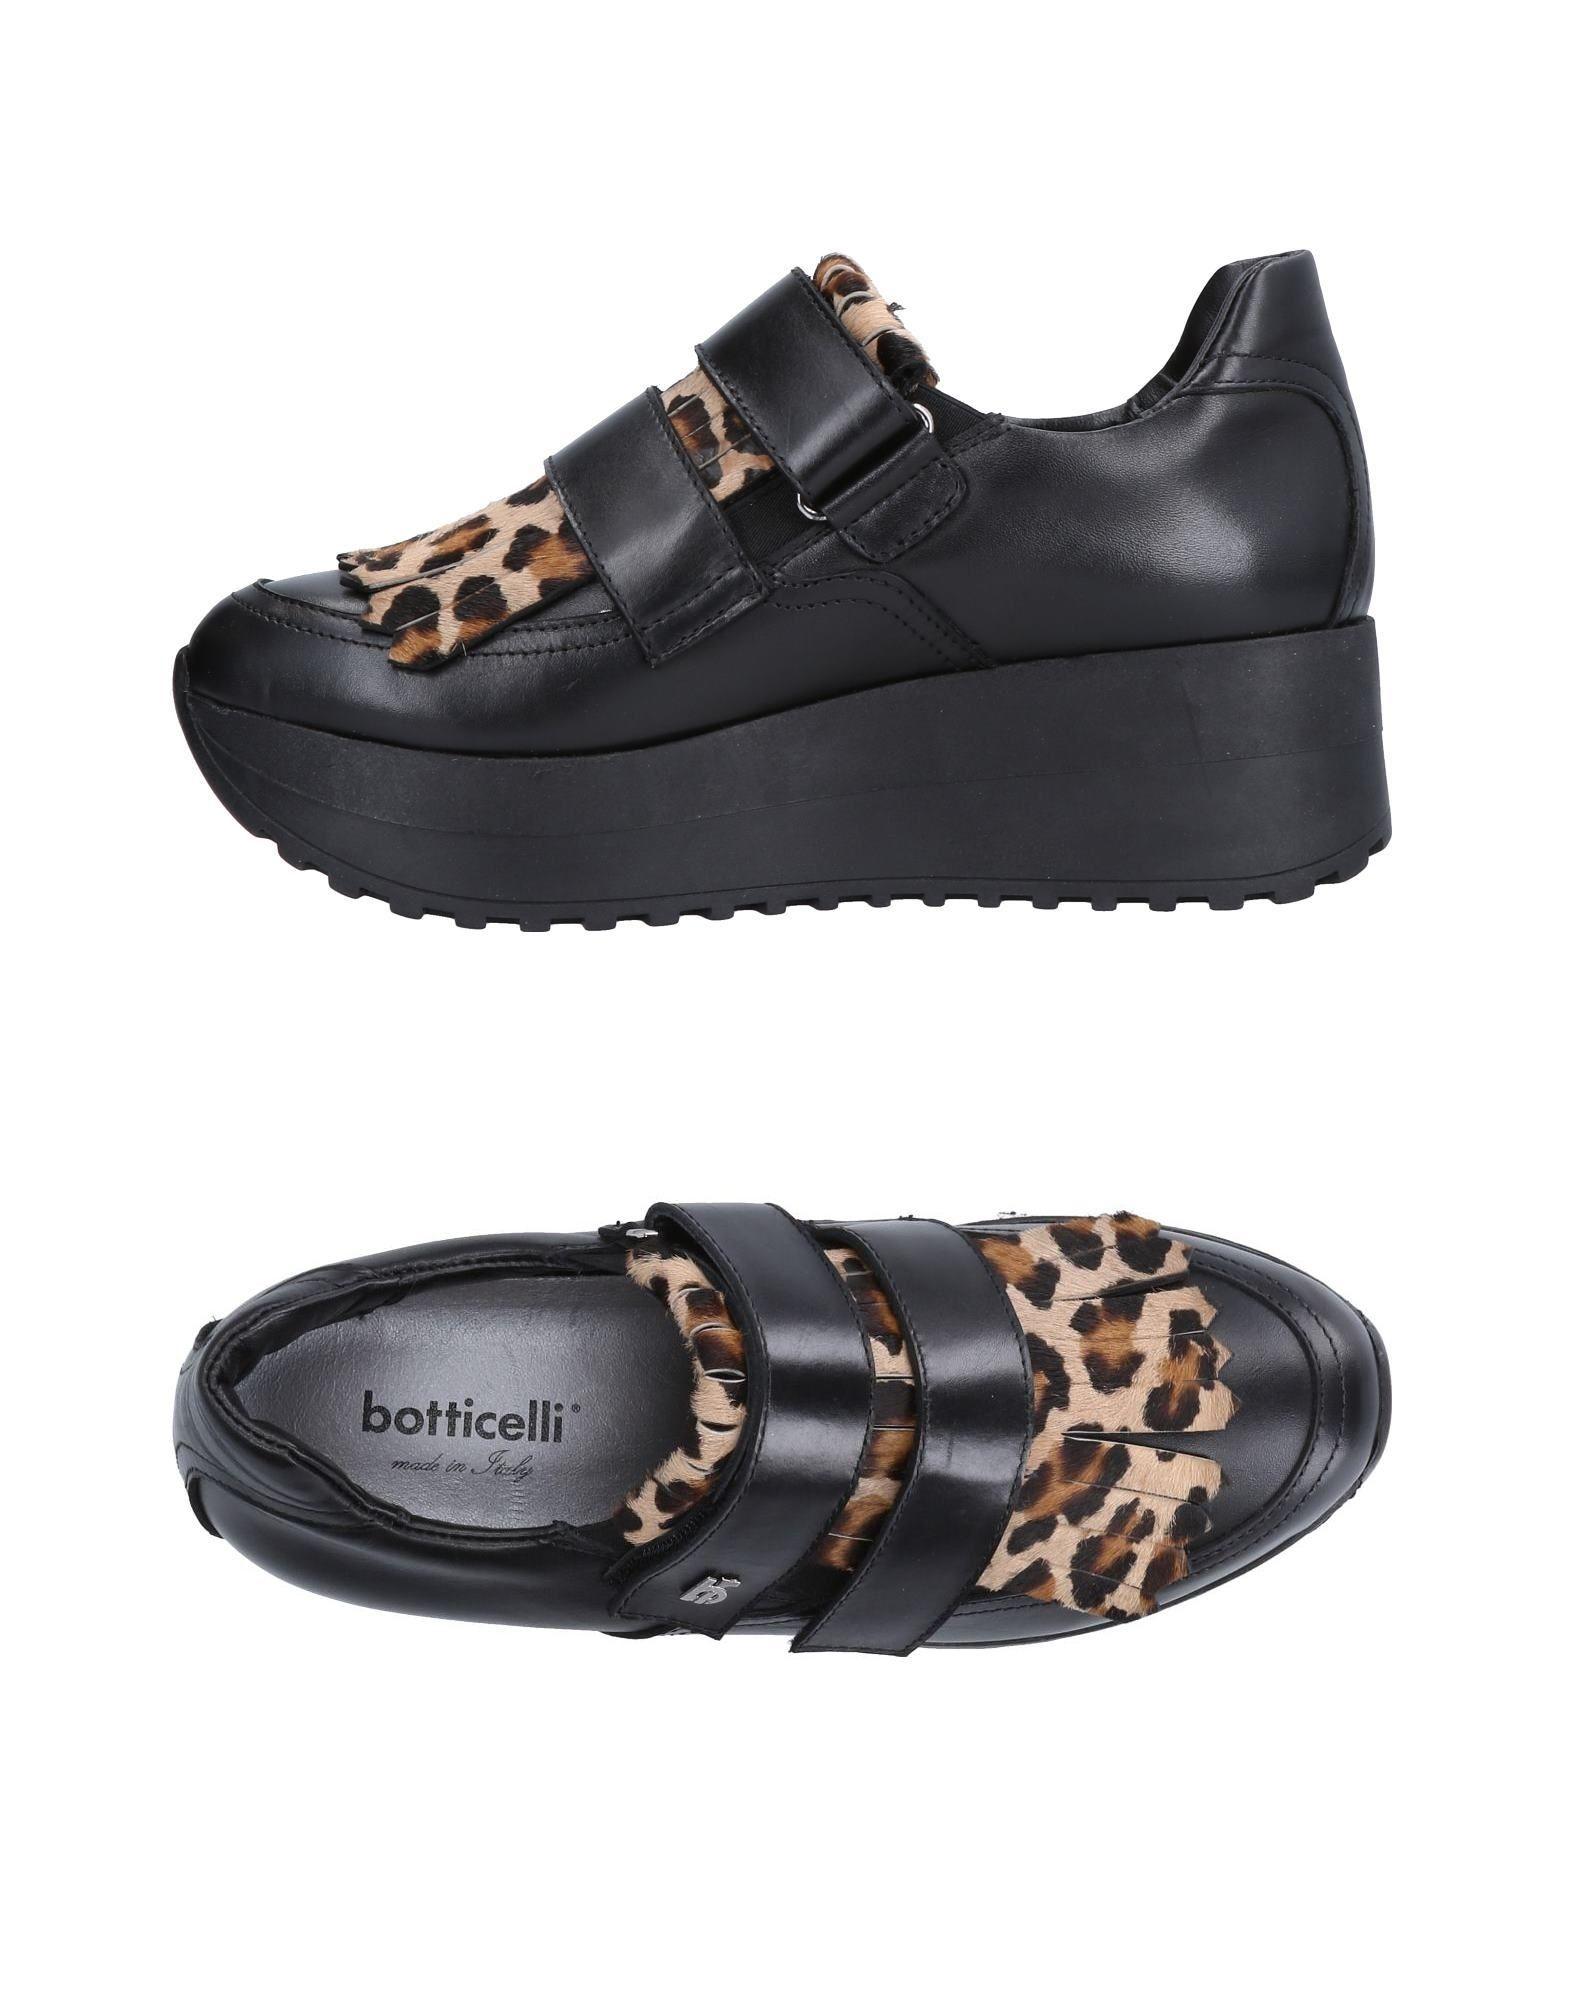 Stilvolle billige Schuhe Roberto  Botticelli Sneakers Damen  Roberto 11512755VJ c40f61